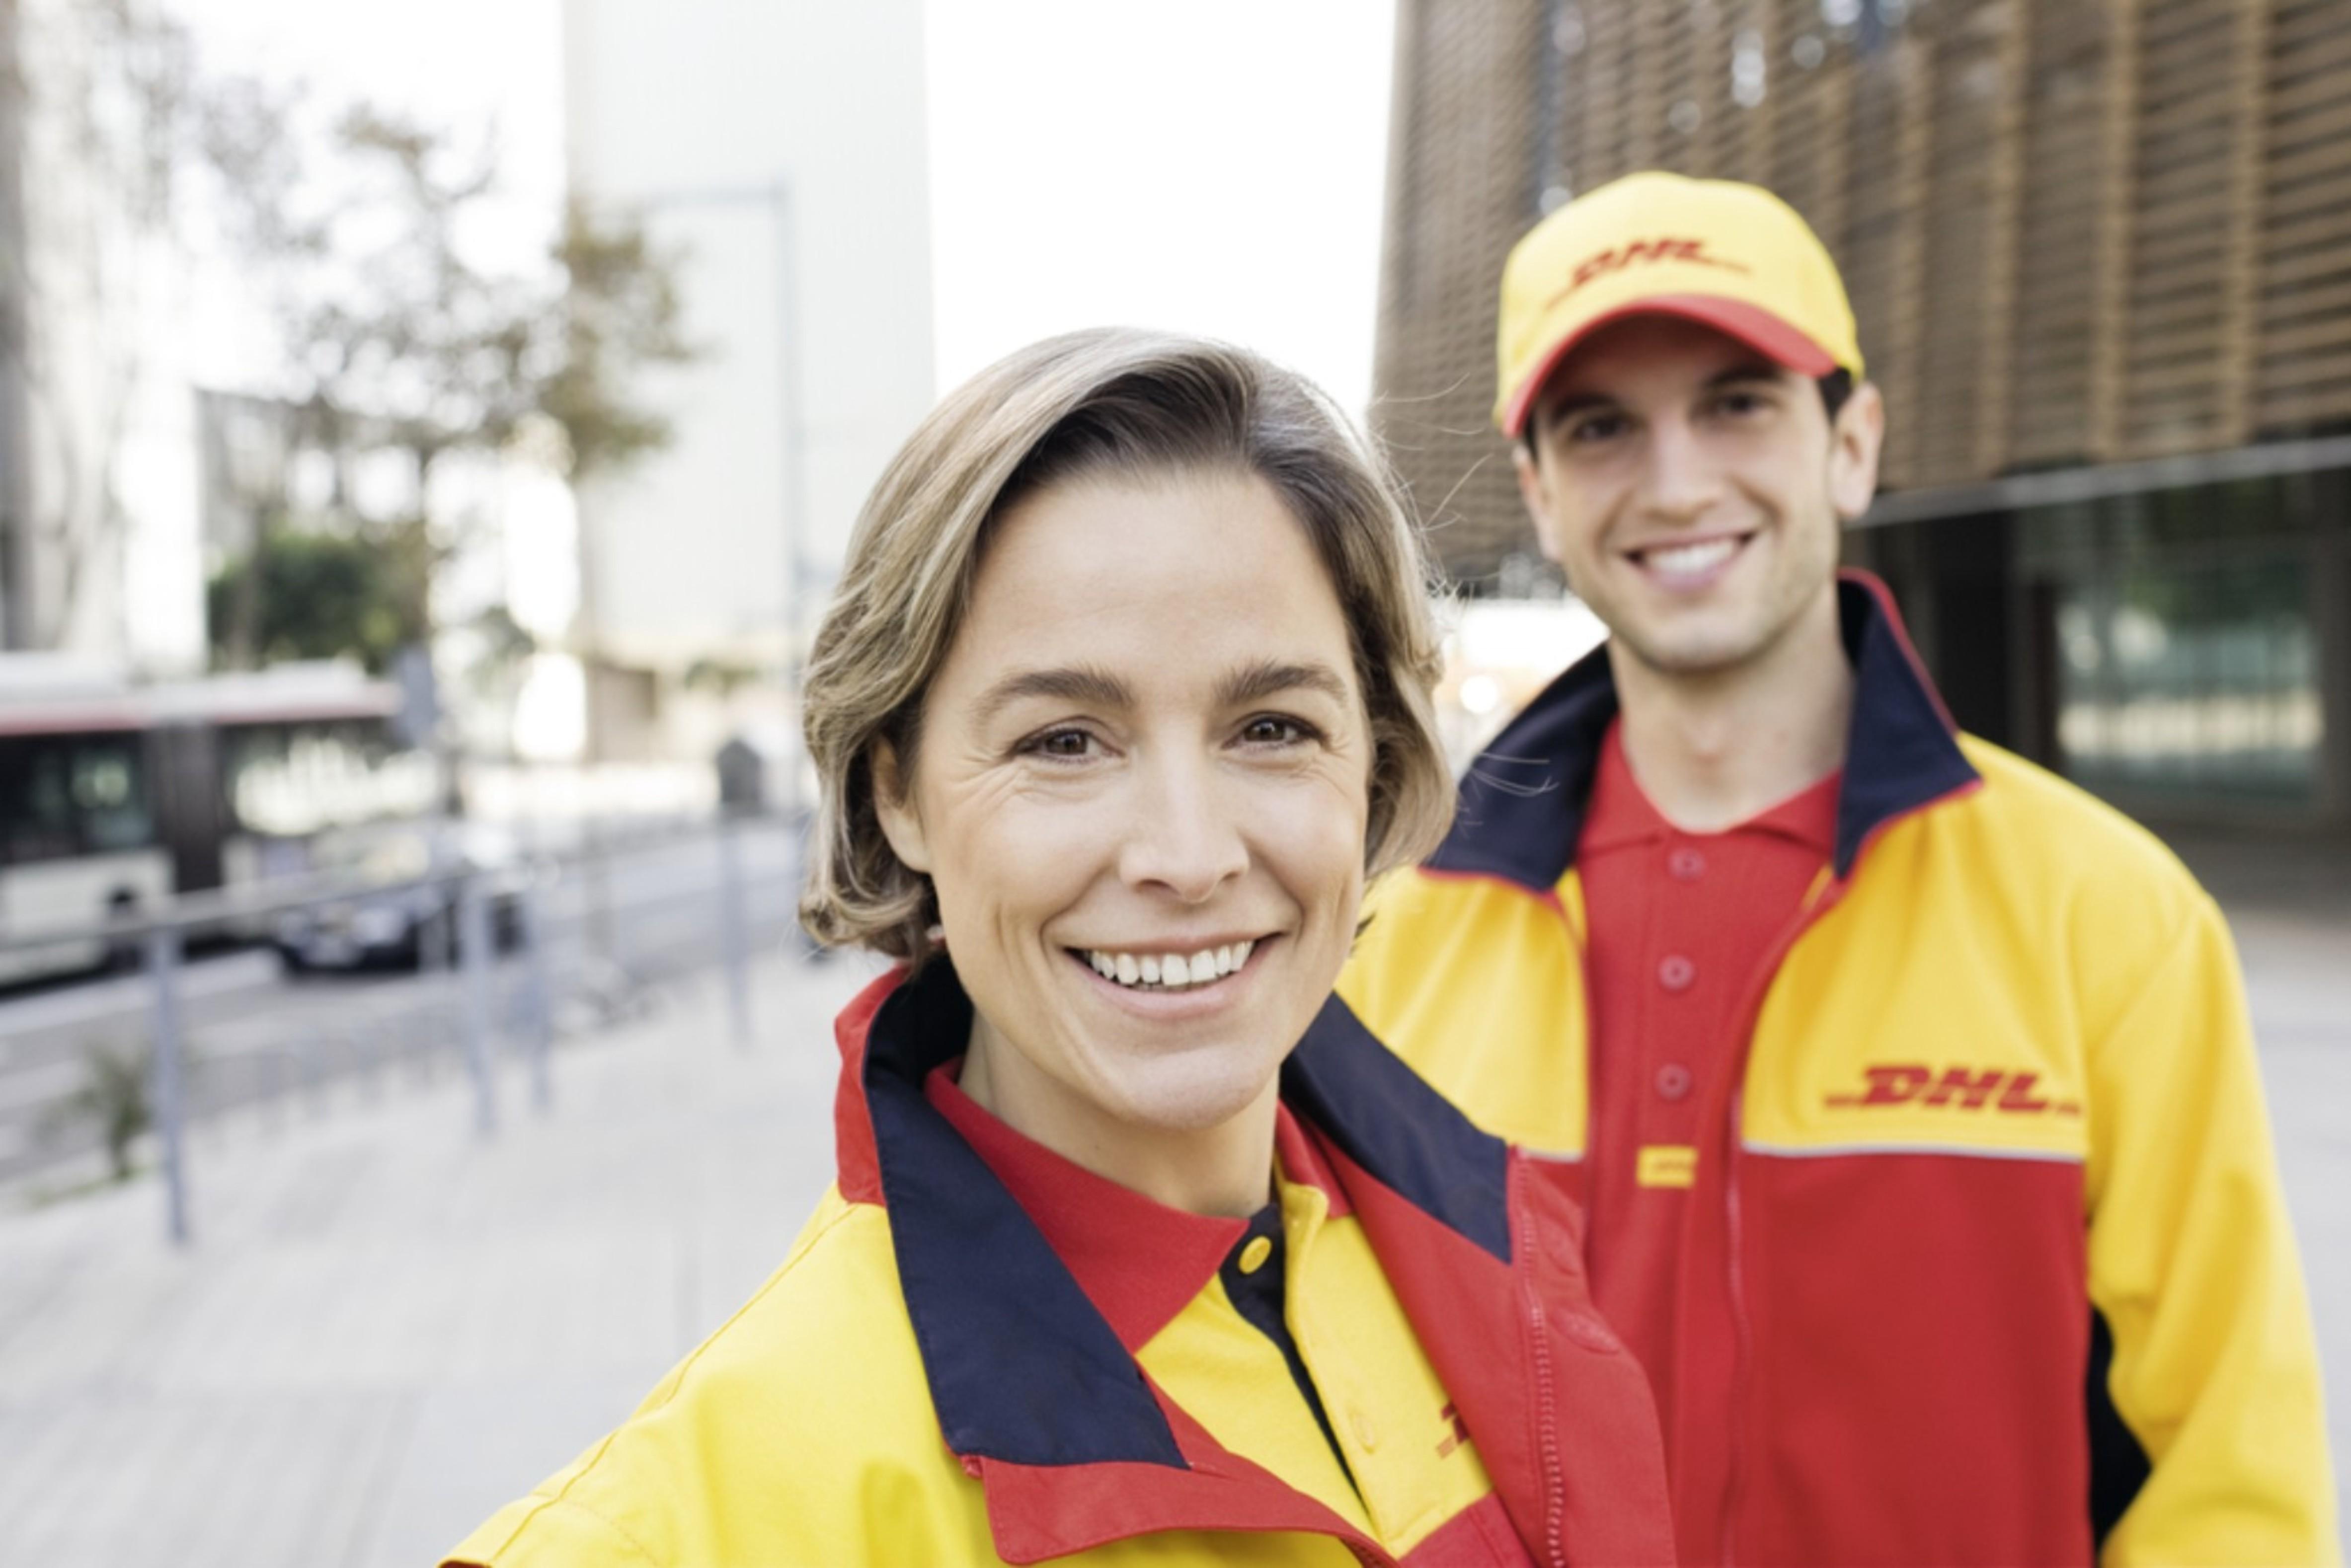 DHL se ha clasificado como uno de los mejores lugares para trabajar a nivel mundial